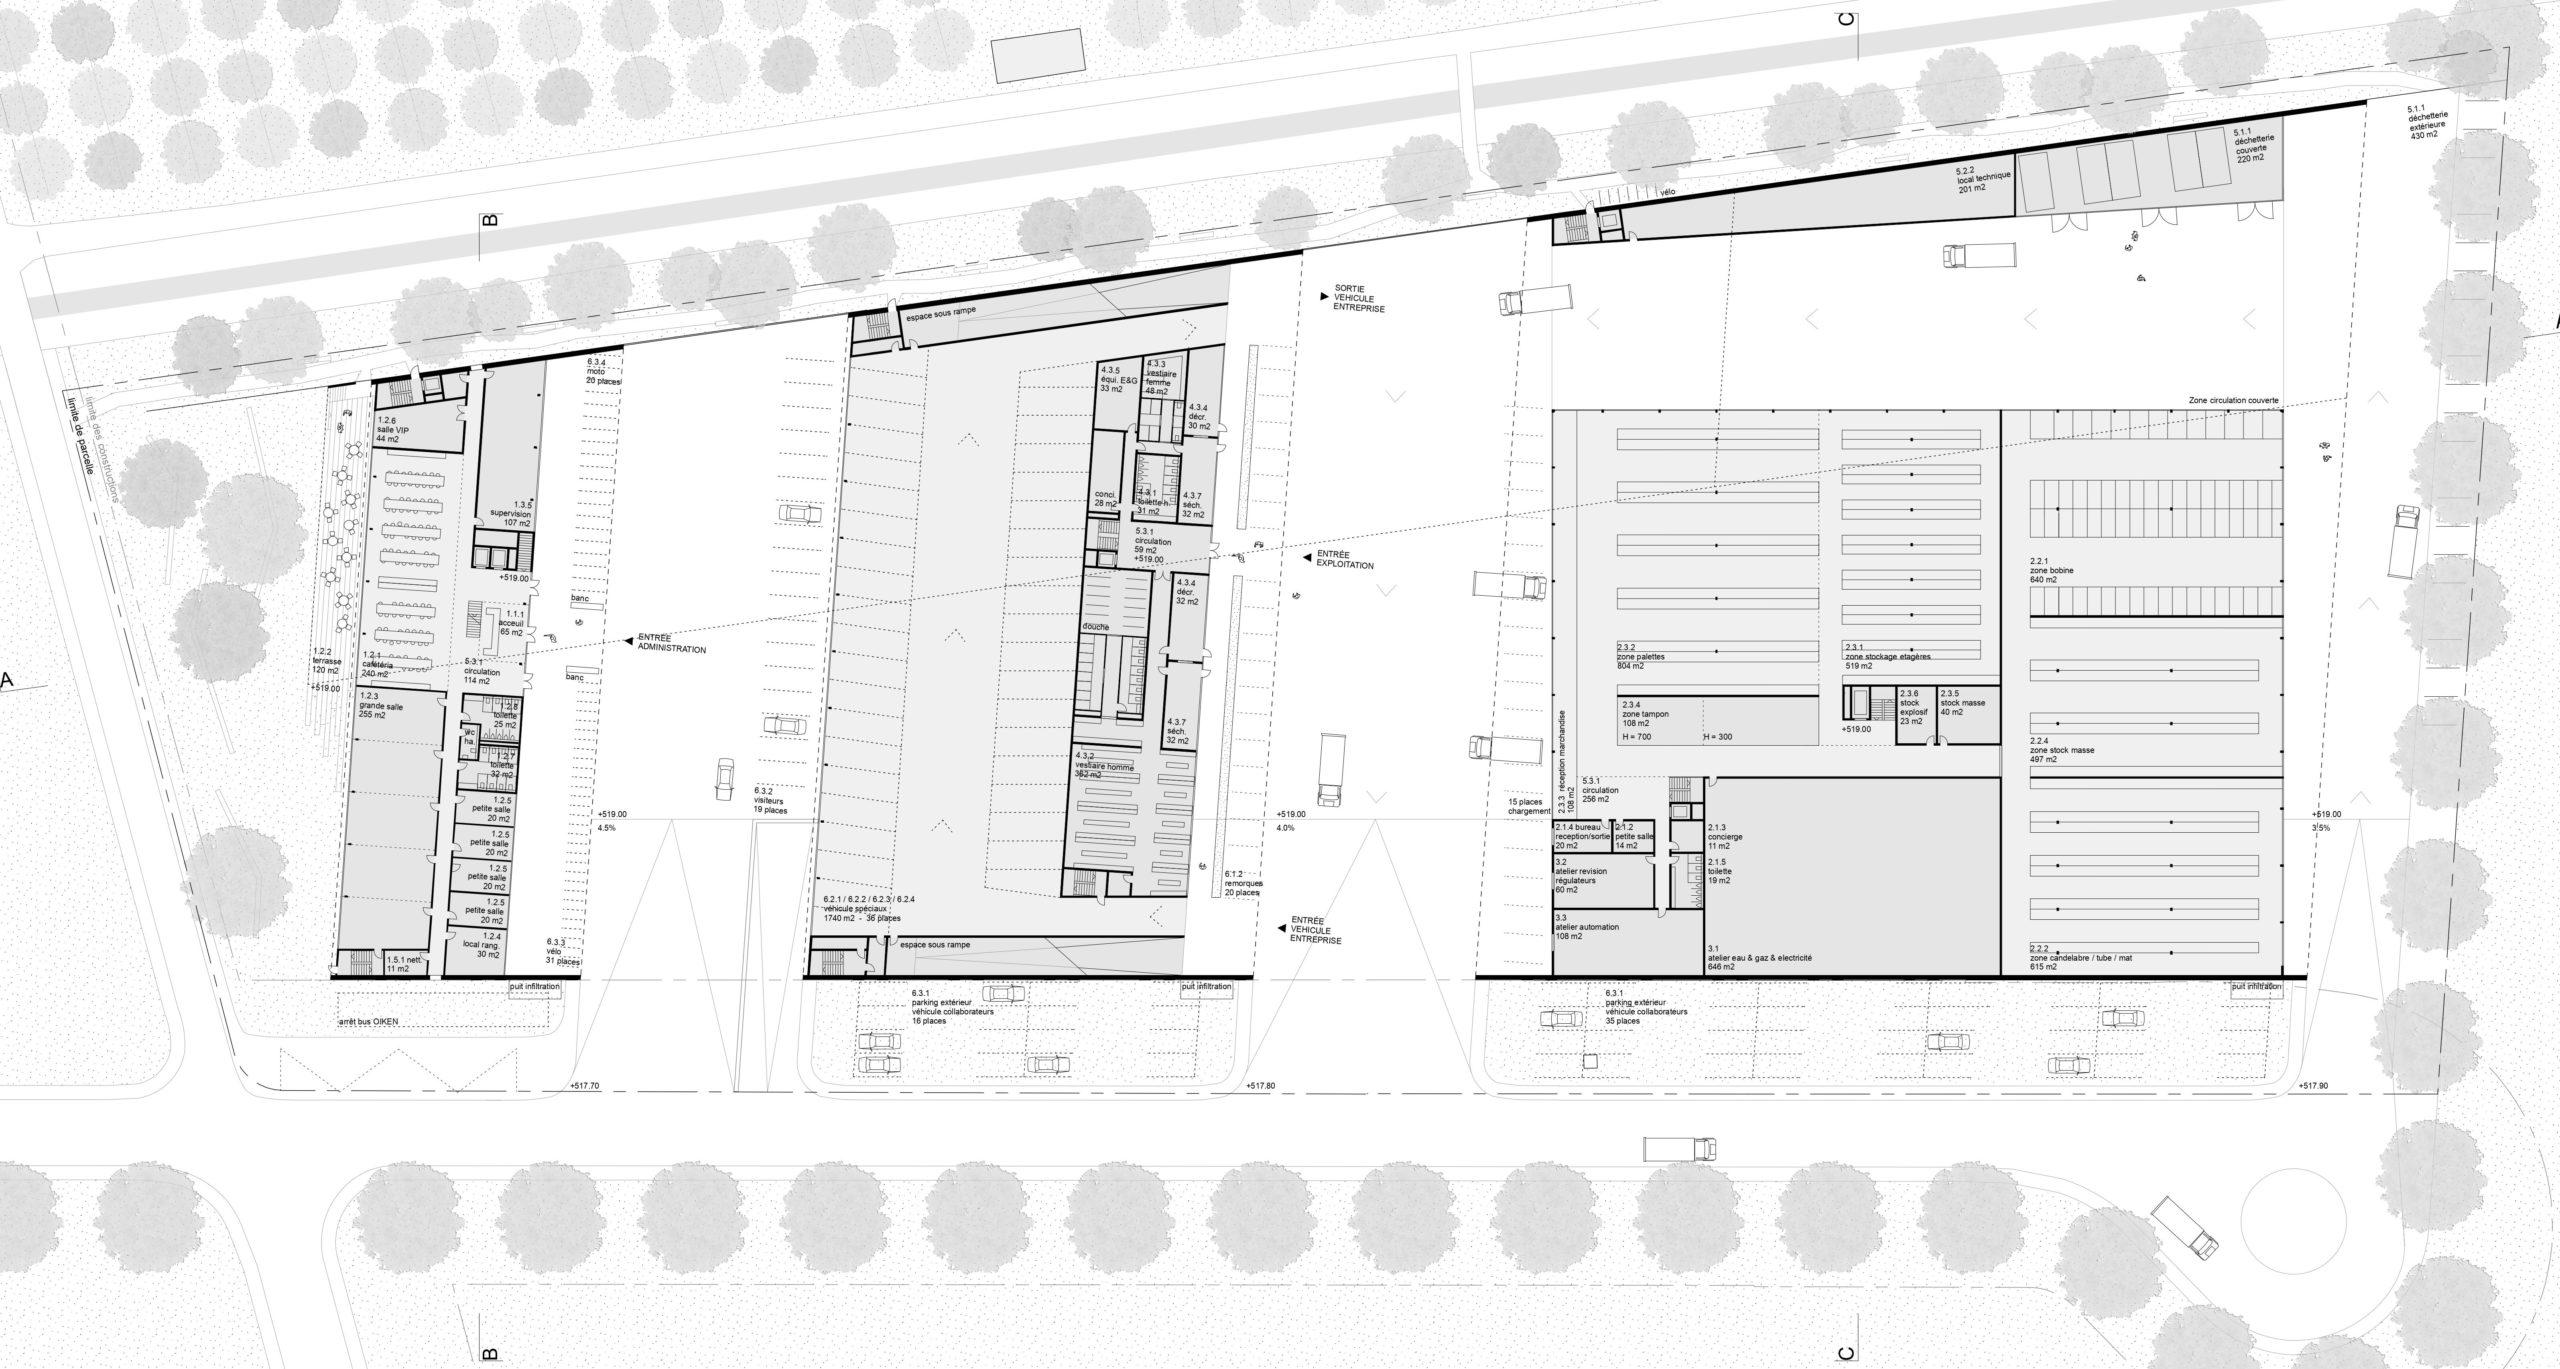 concours- d'architecture pour le nouveau centre technique et logistique - Oiken - plan